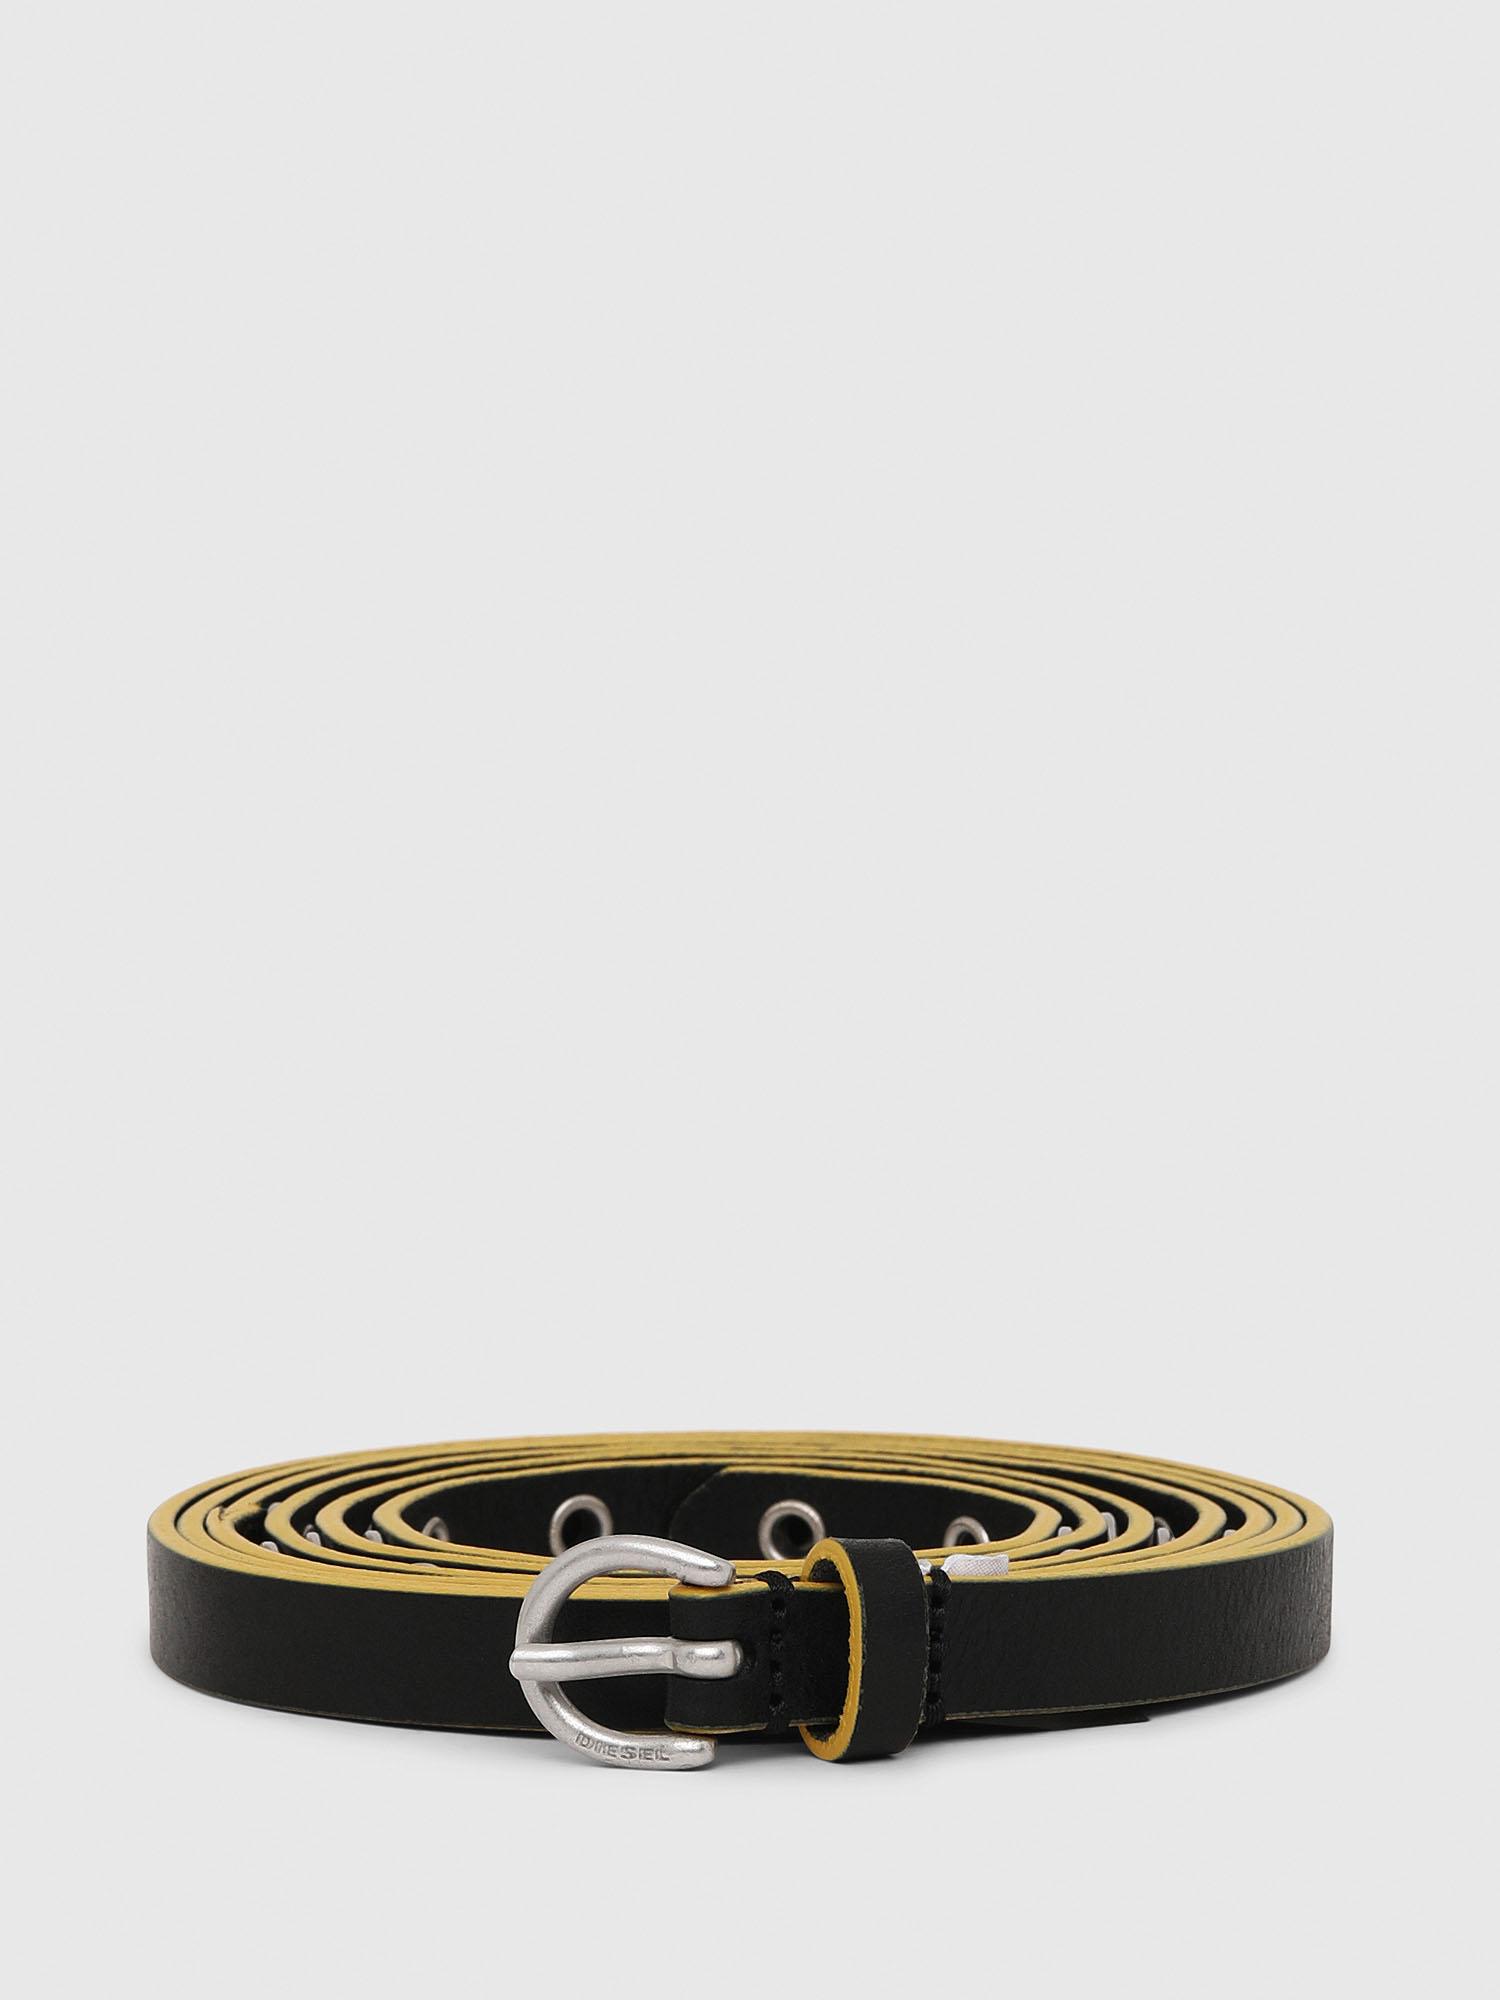 Diesel Belts P0752 - Black